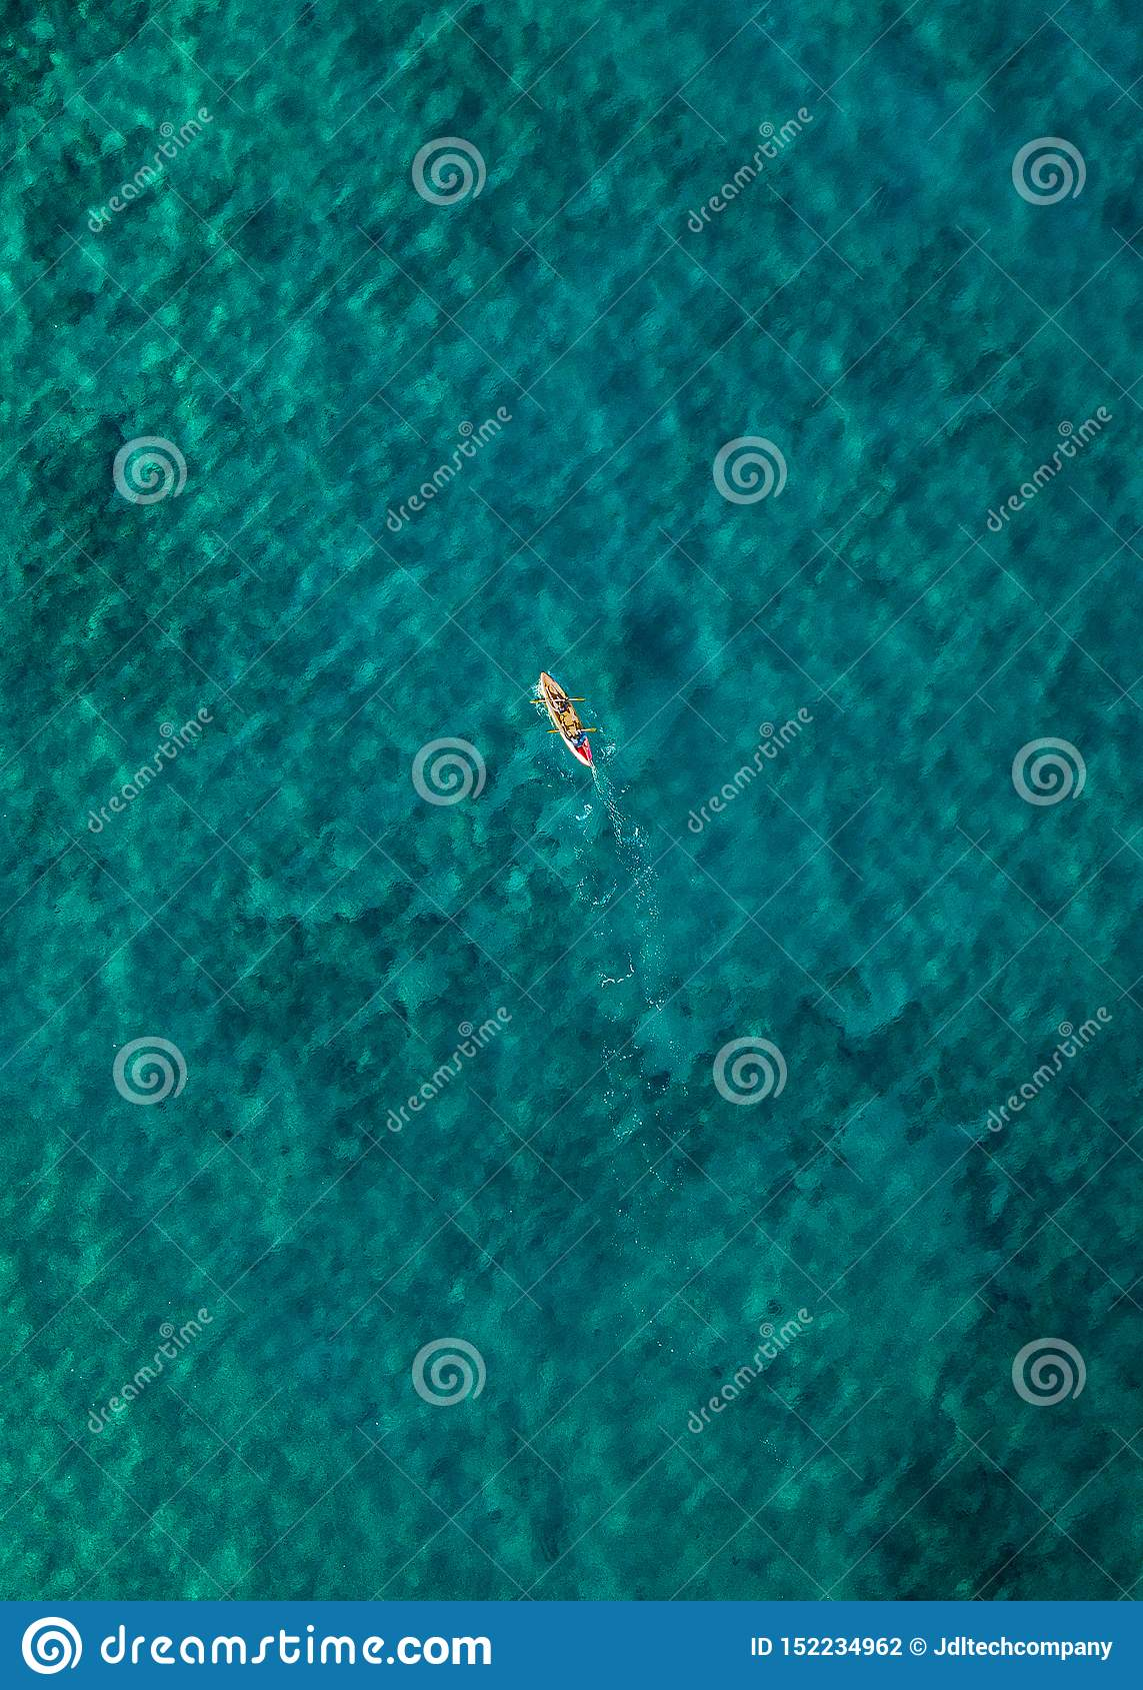 Уединенный человек сплавляясь на каяке в ясной воде teal